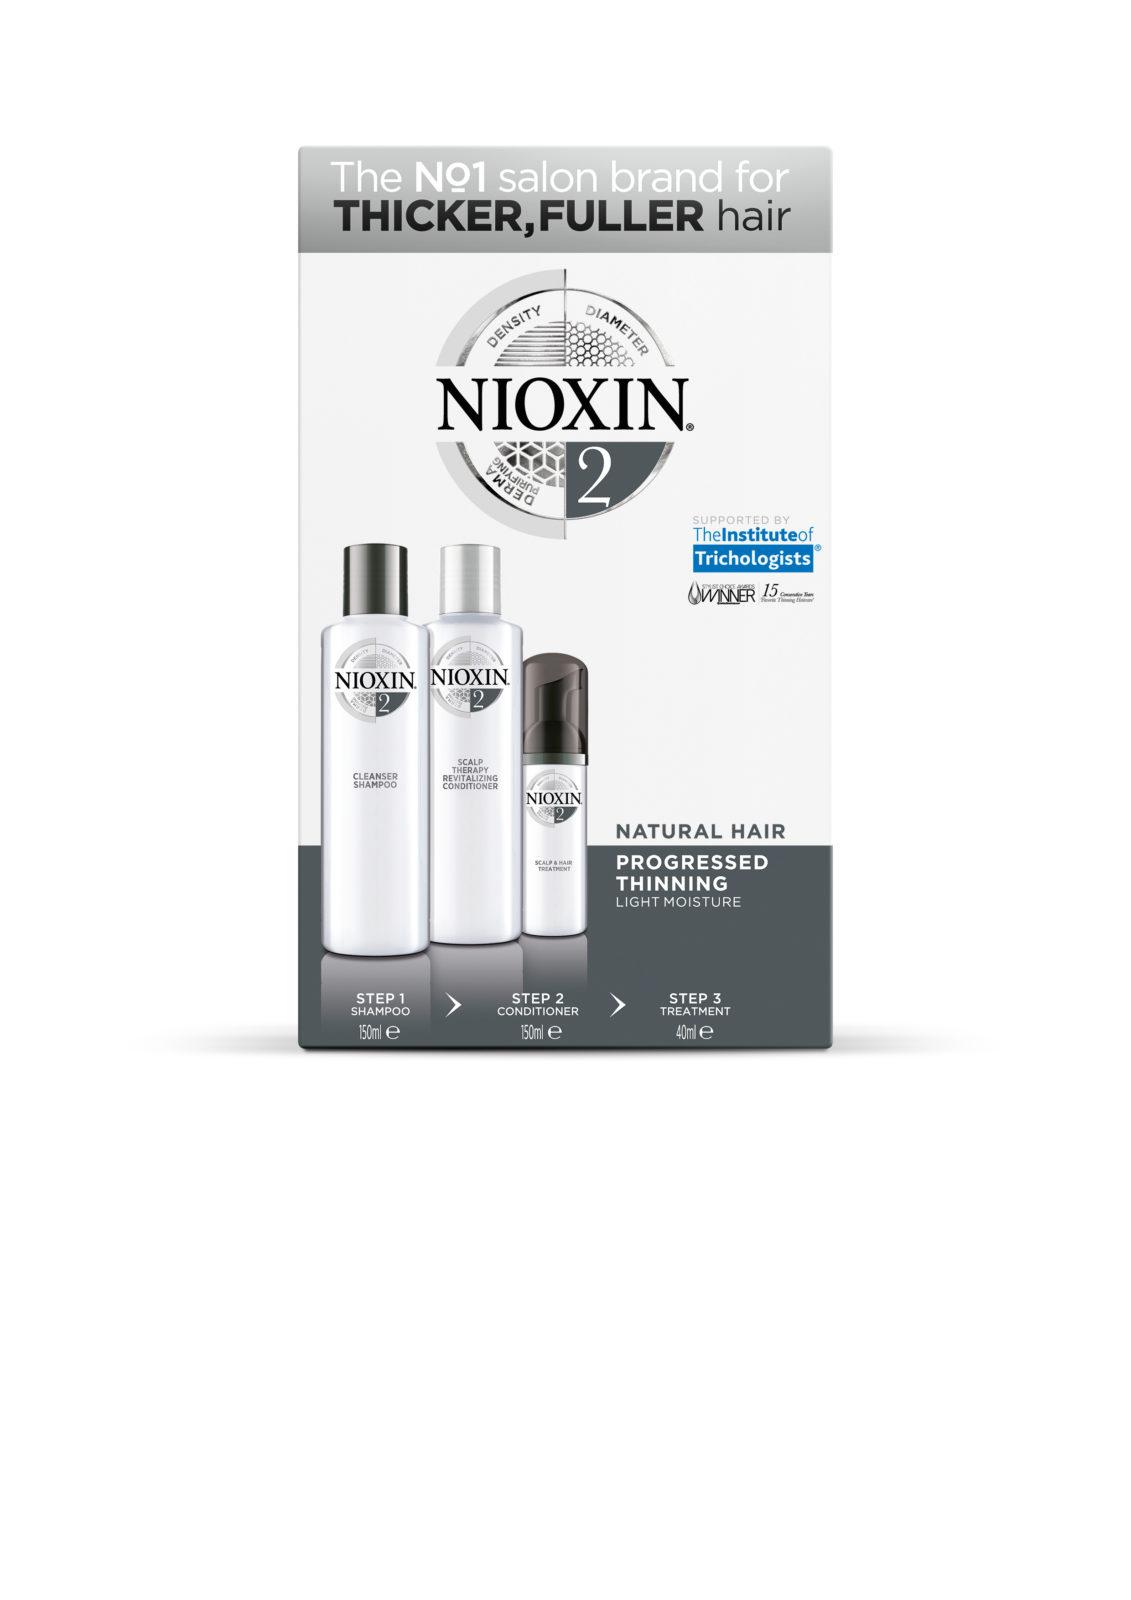 Tuotekuva: NIOXIN Trial Kit 2 -kokeilupakkaus